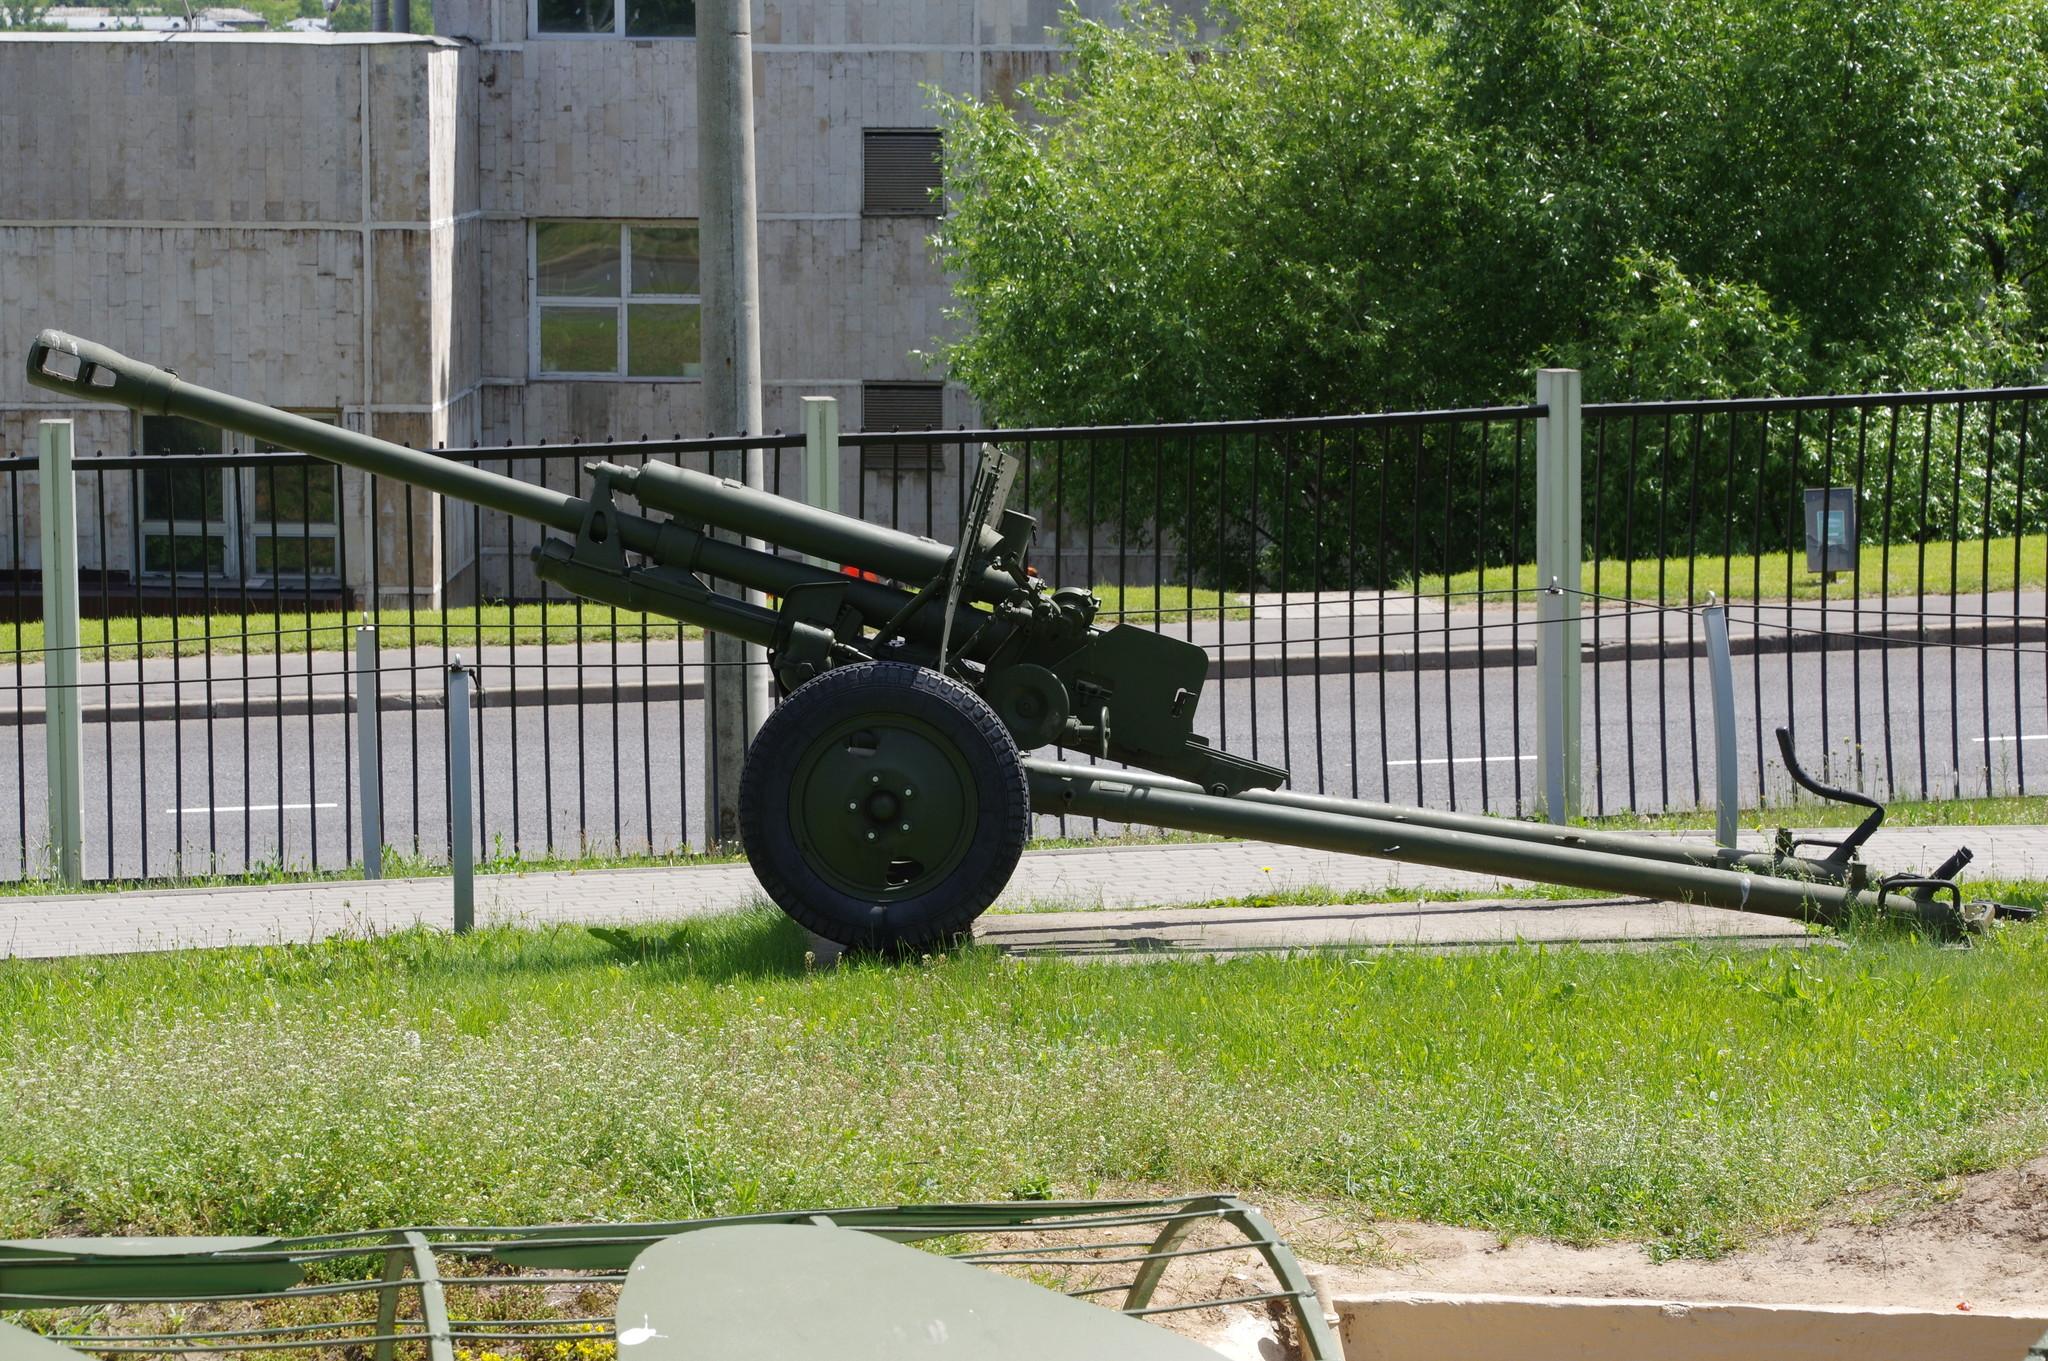 76-мм дивизионная пушка образца 1942 года (ЗИС-3) в экспозиции Центрального музея Великой Отечественной войны 1941-1945 гг.